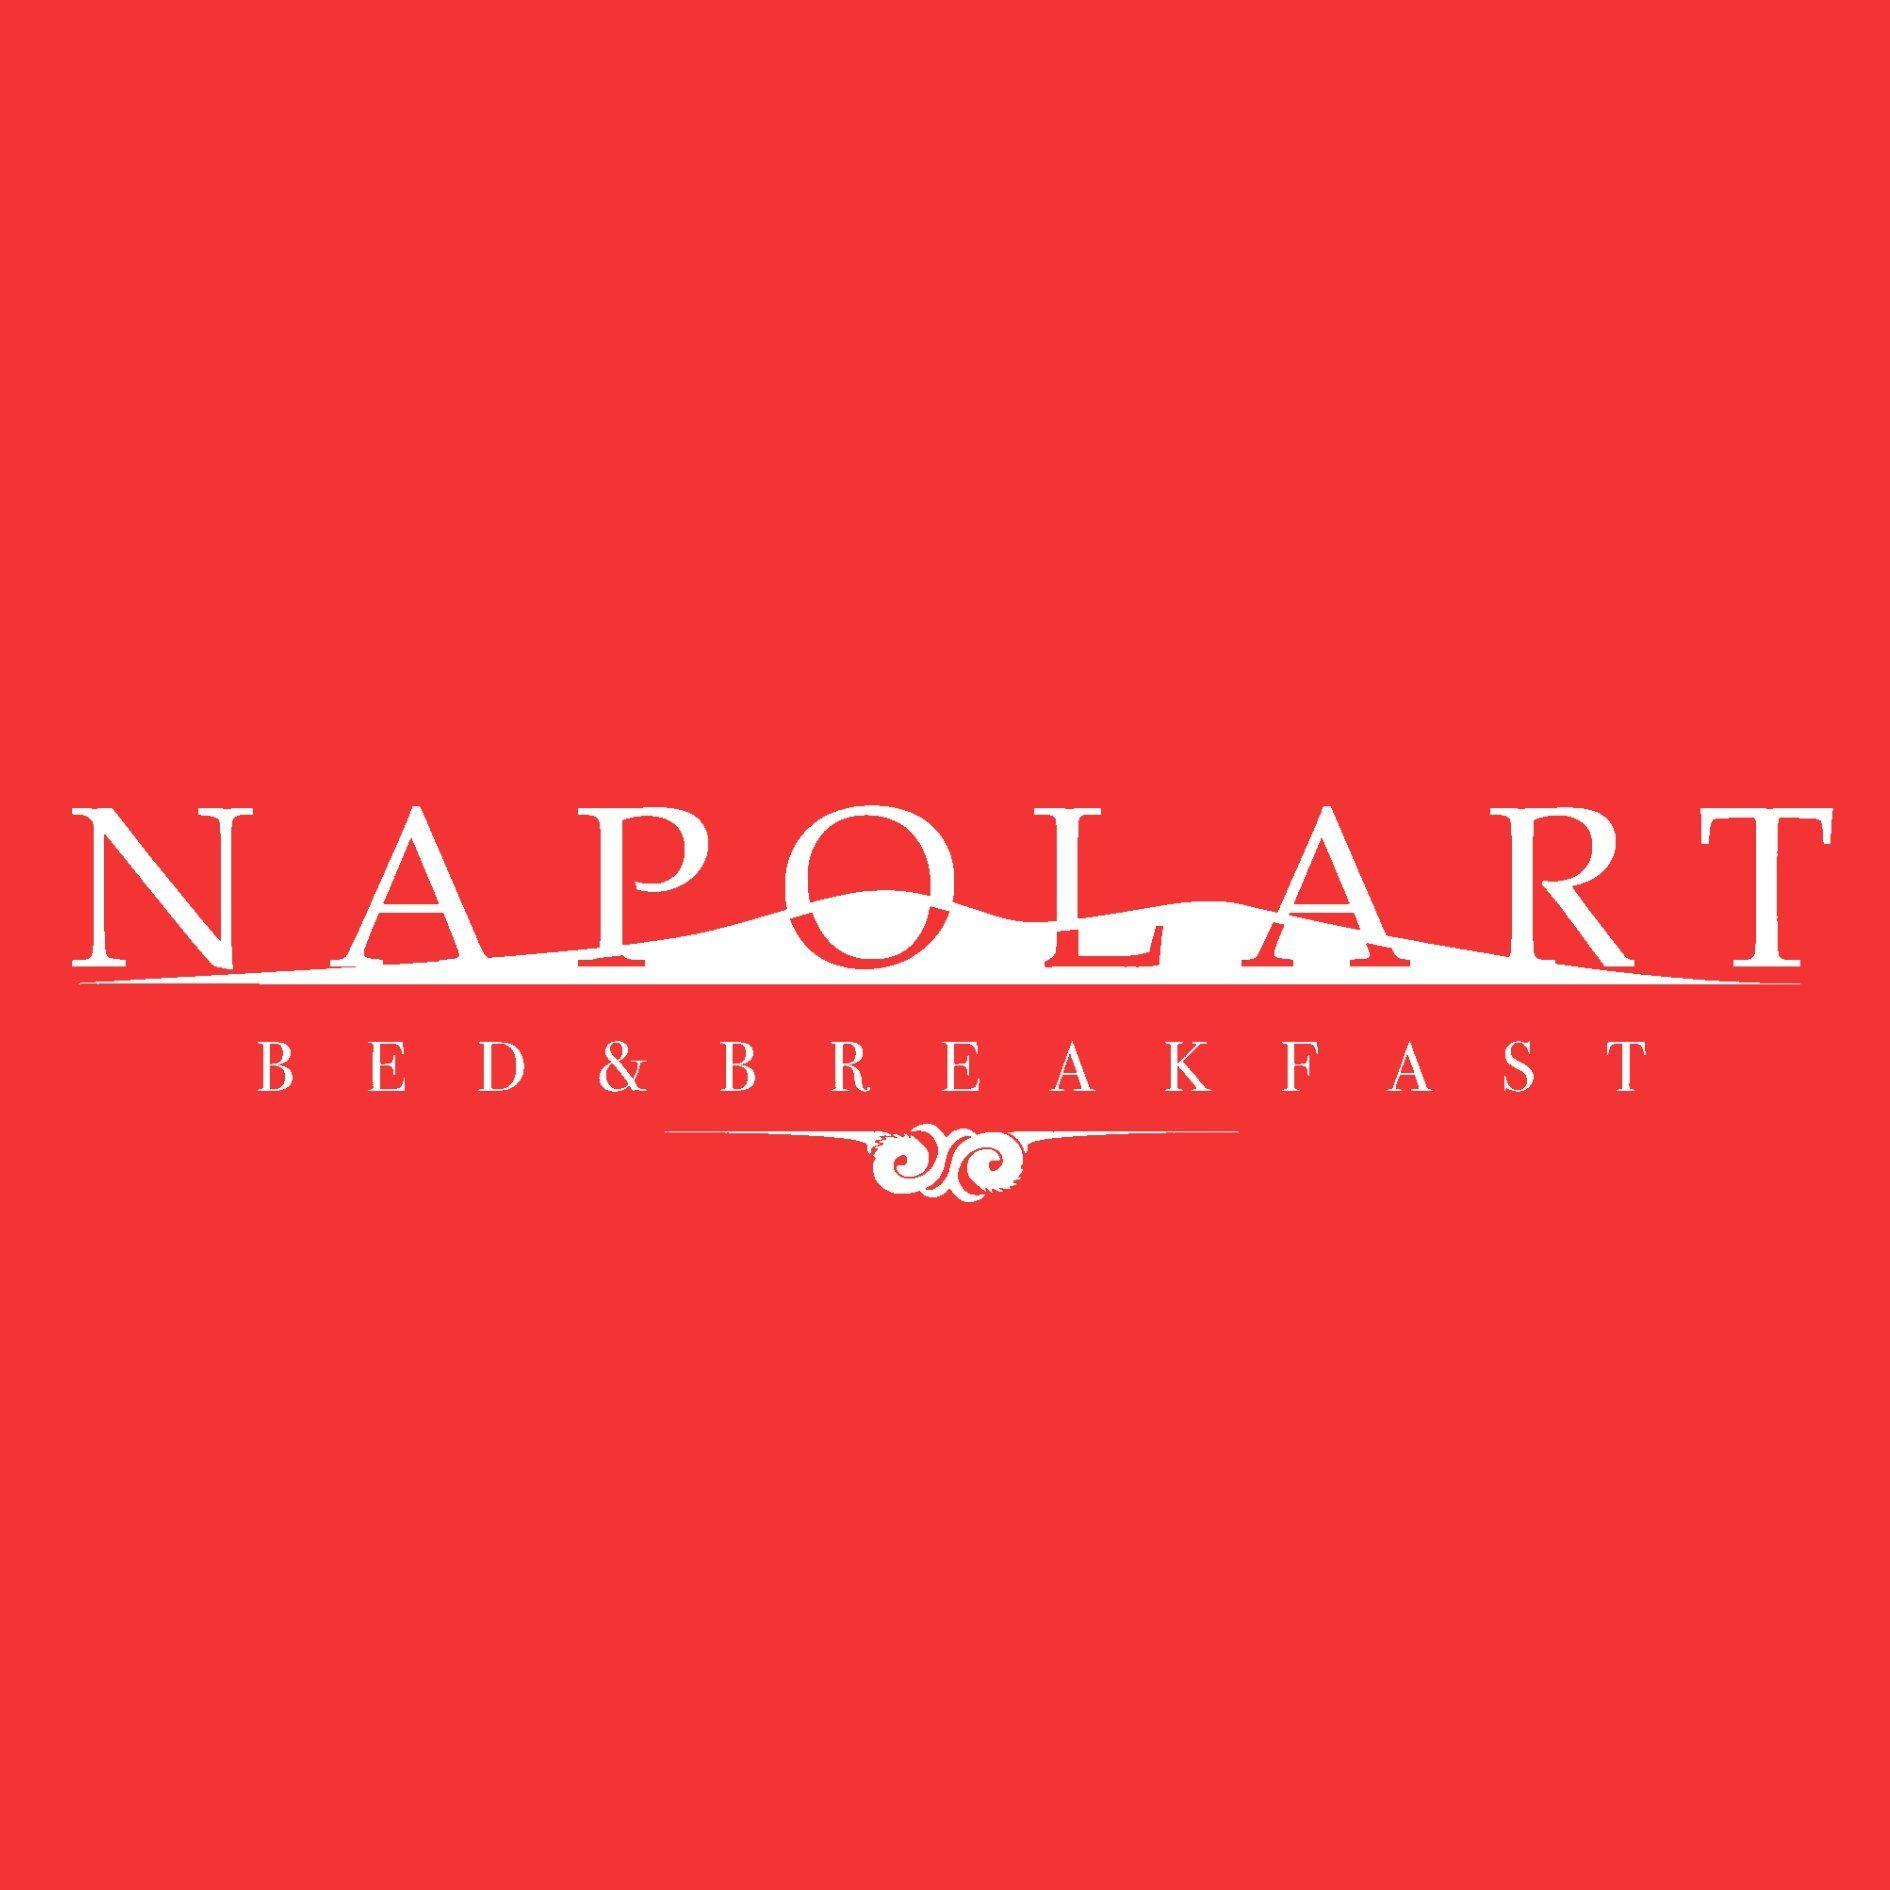 Napolart